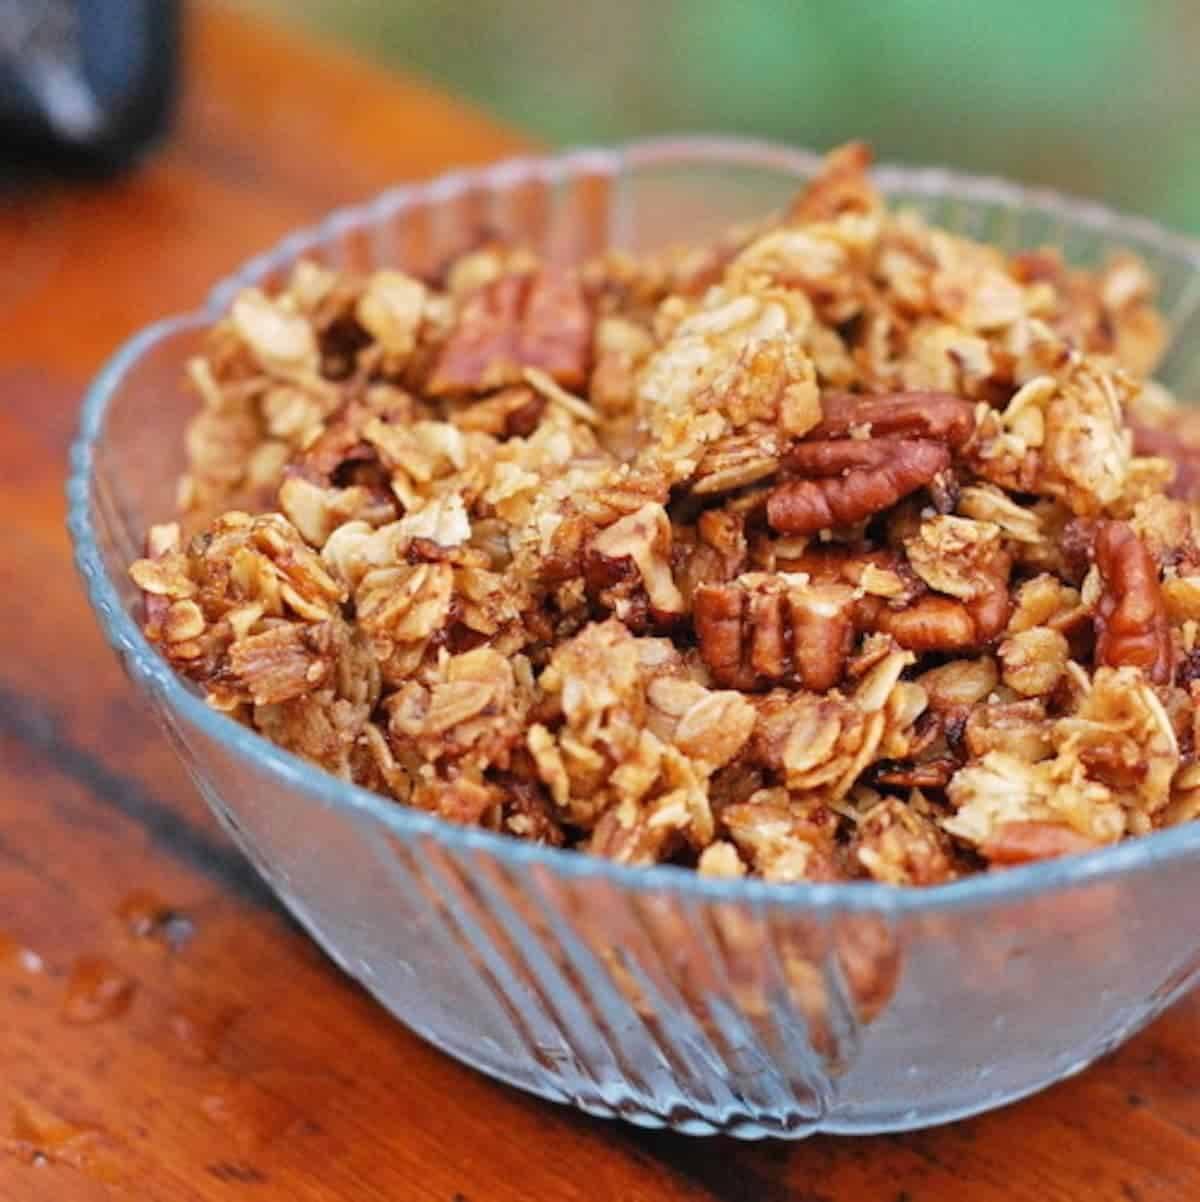 Pecan granola in a decorative glass bowl.